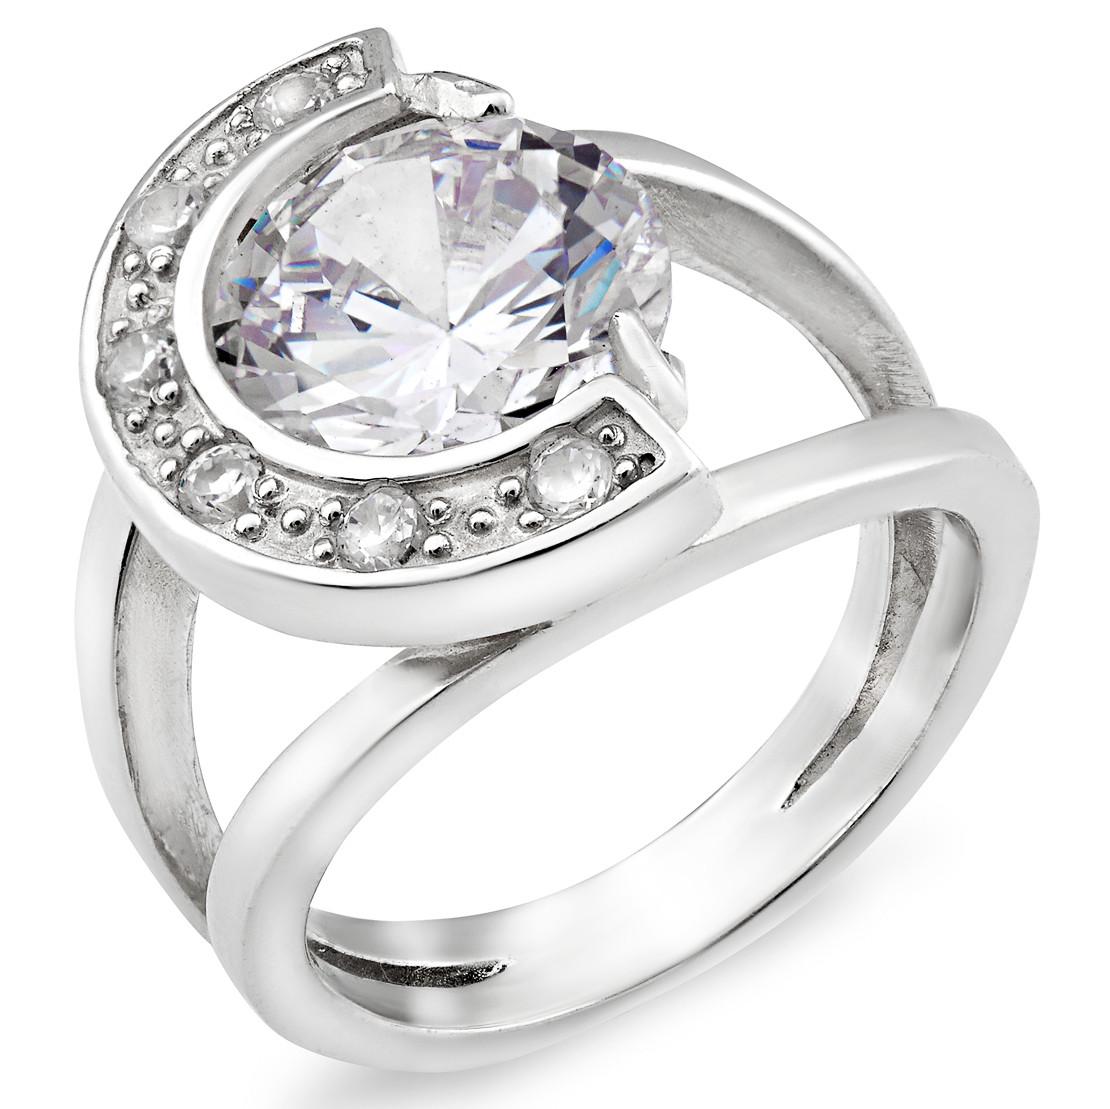 0e9d9fd5d2ac Серебряное кольцо 925 пробы с фианитами (45к) - Украшения из серебра в  Белой Церкви